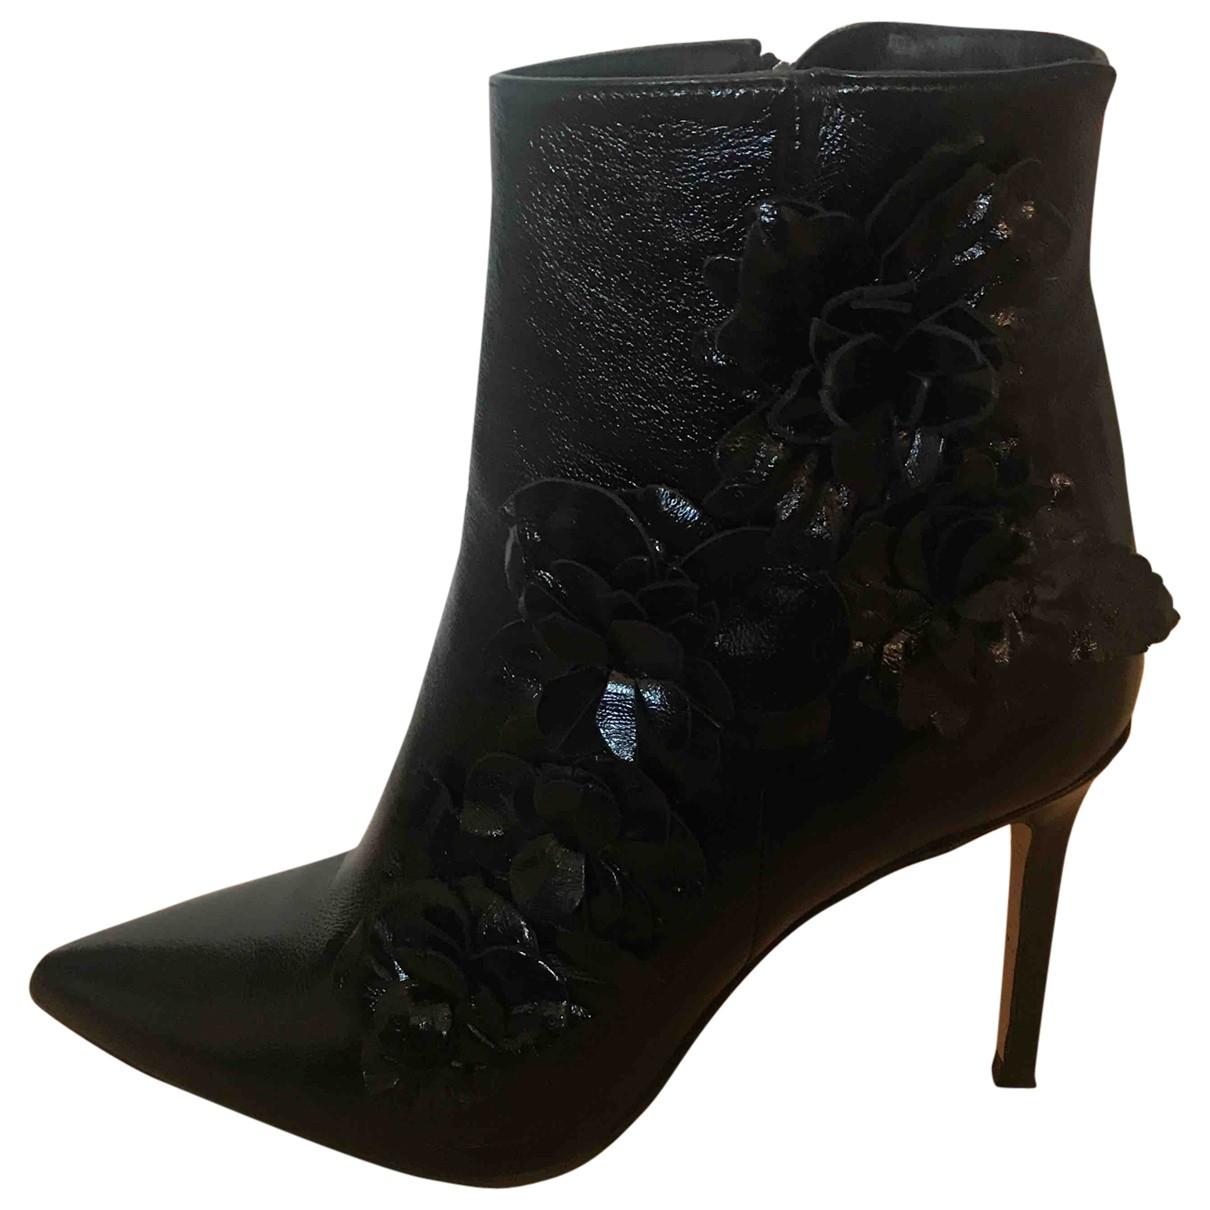 Zara - Boots   pour femme en cuir verni - noir